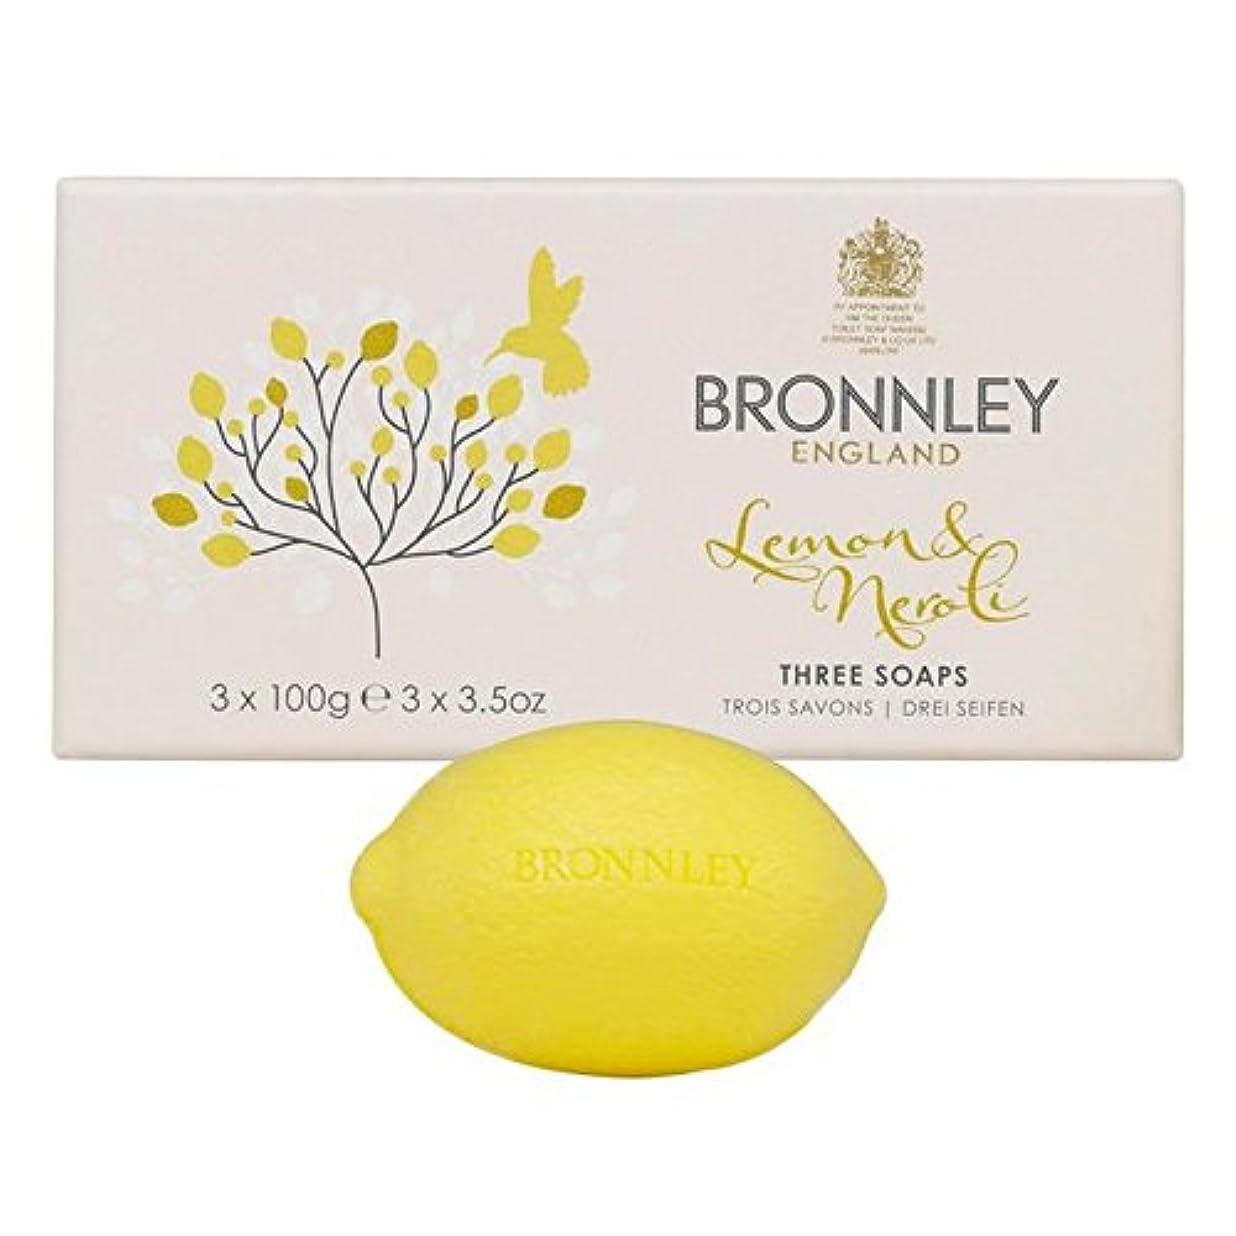 聖歌リゾート第二Bronnley Lemon & Neroli Soaps 3 x 100g - レモン&ネロリ石鹸3×100グラム [並行輸入品]